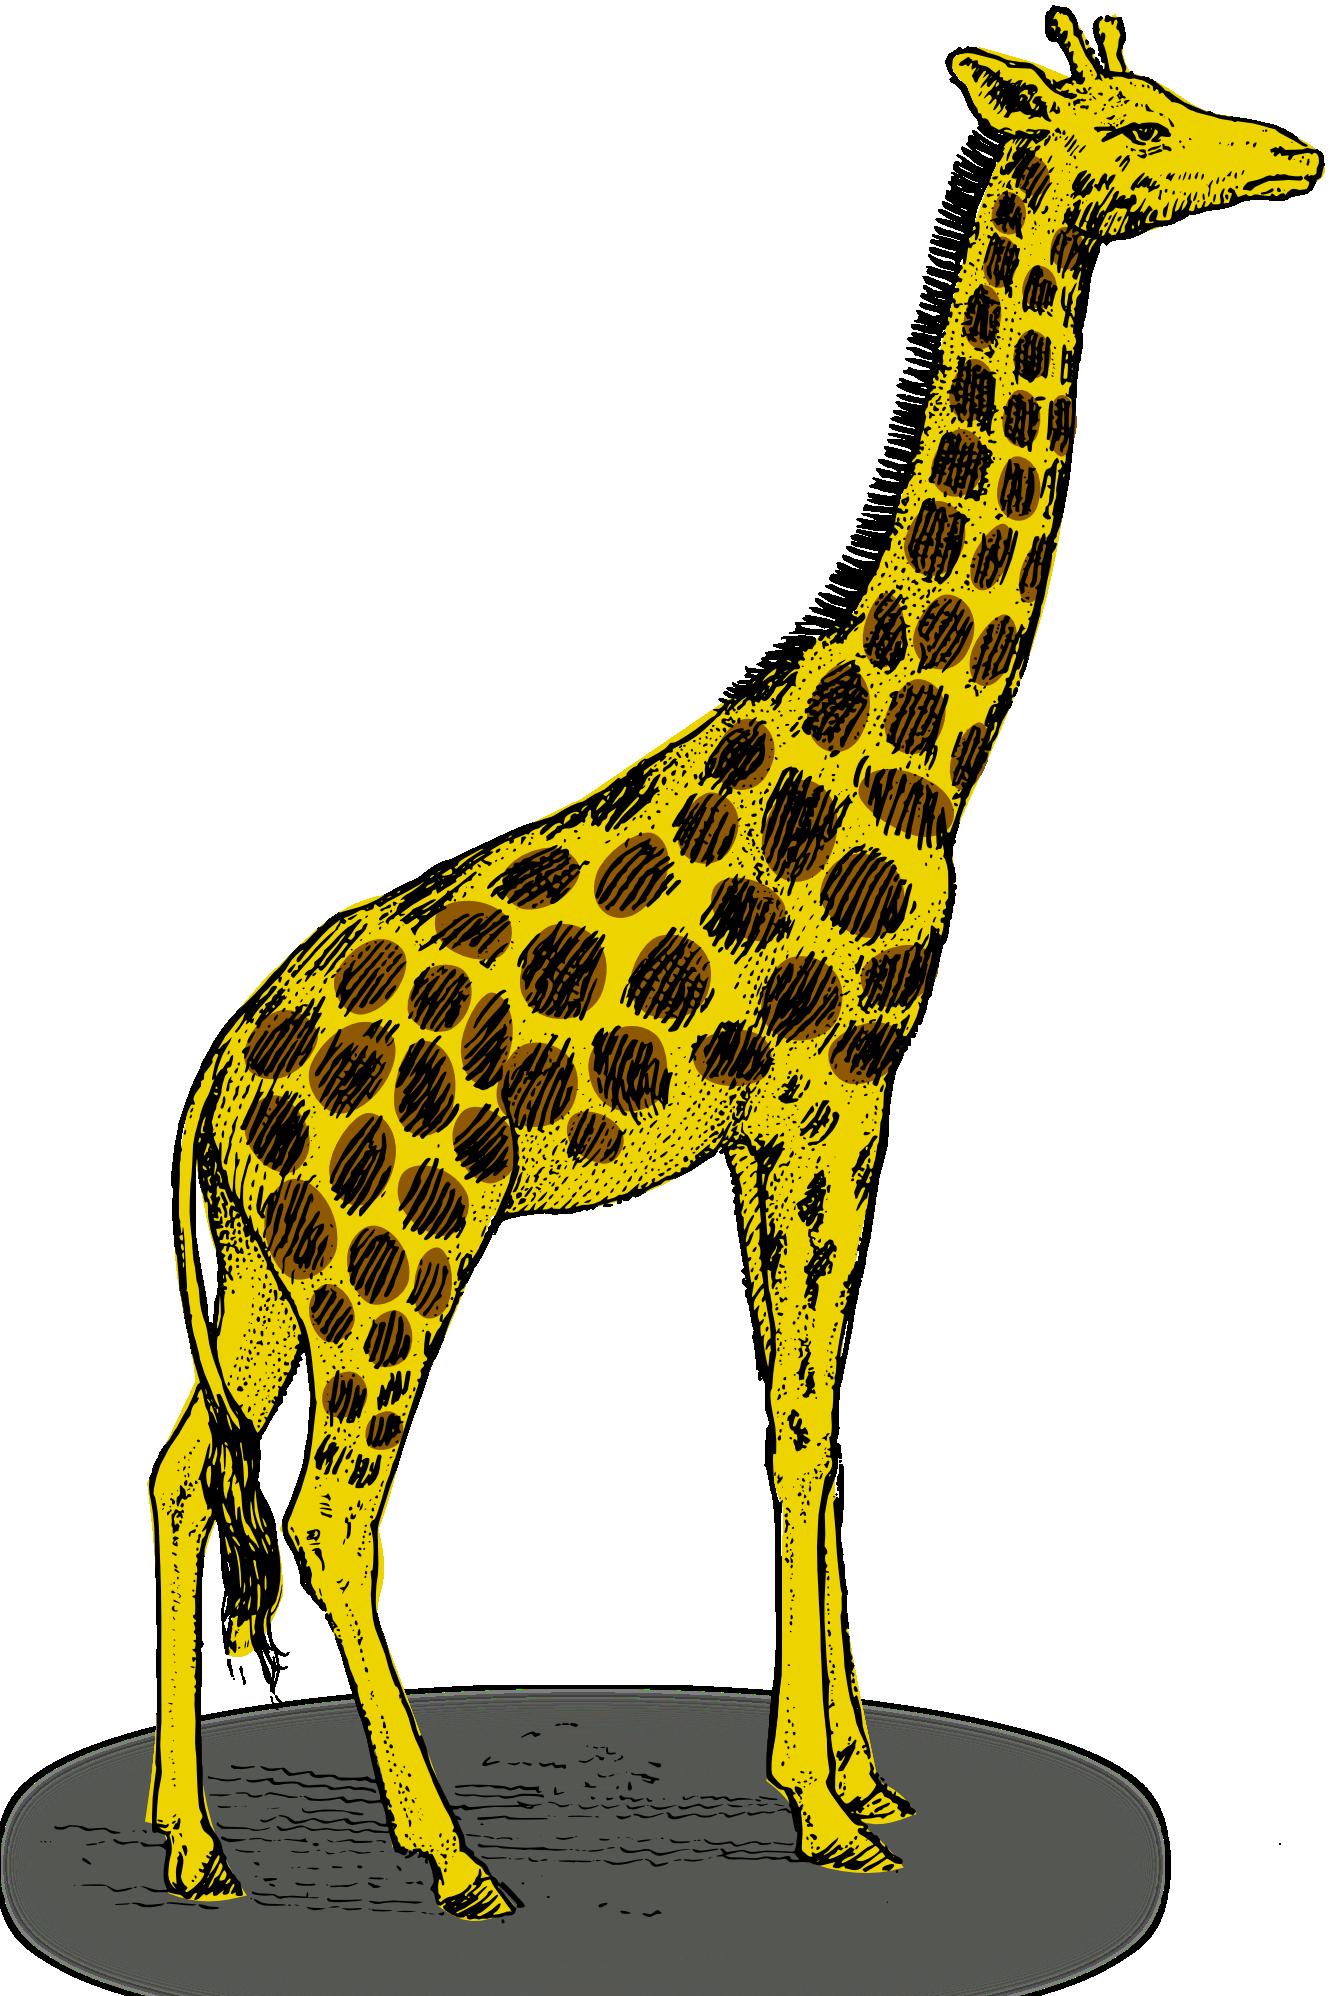 Line Drawing Giraffe : Giraffe line drawing clipart best